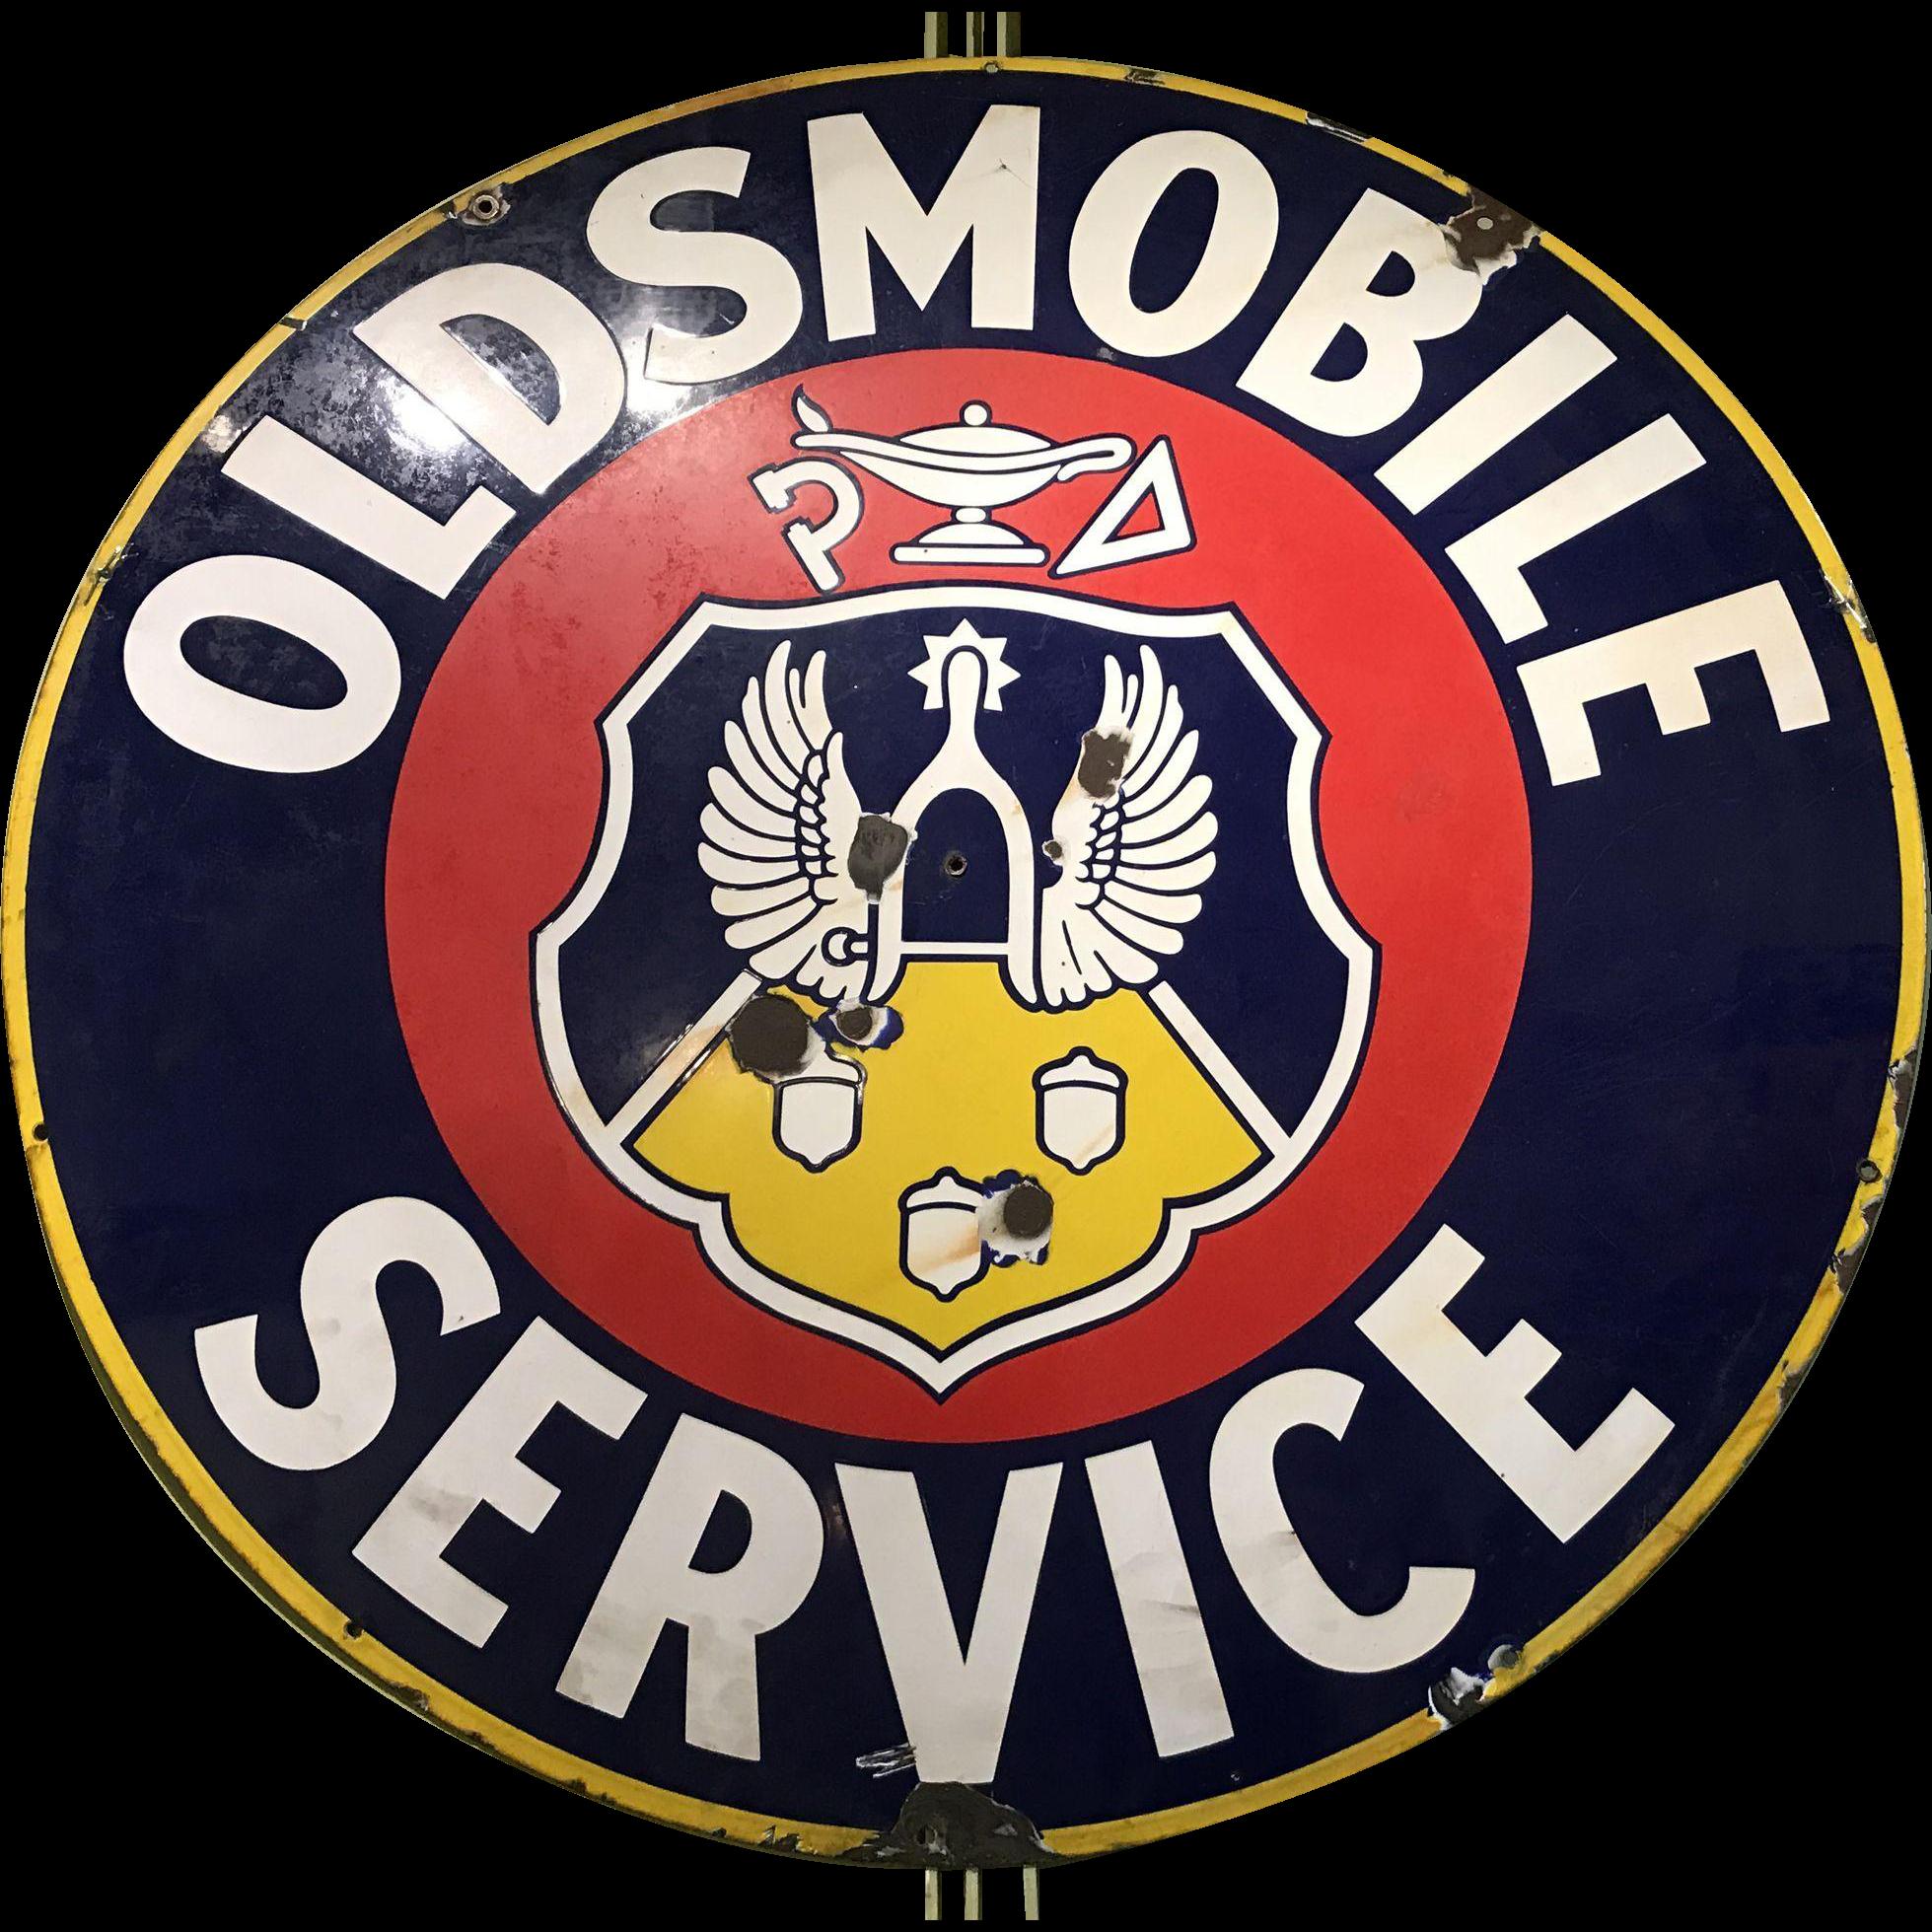 Oldsmobile Service Station  Round Sign Garage Art